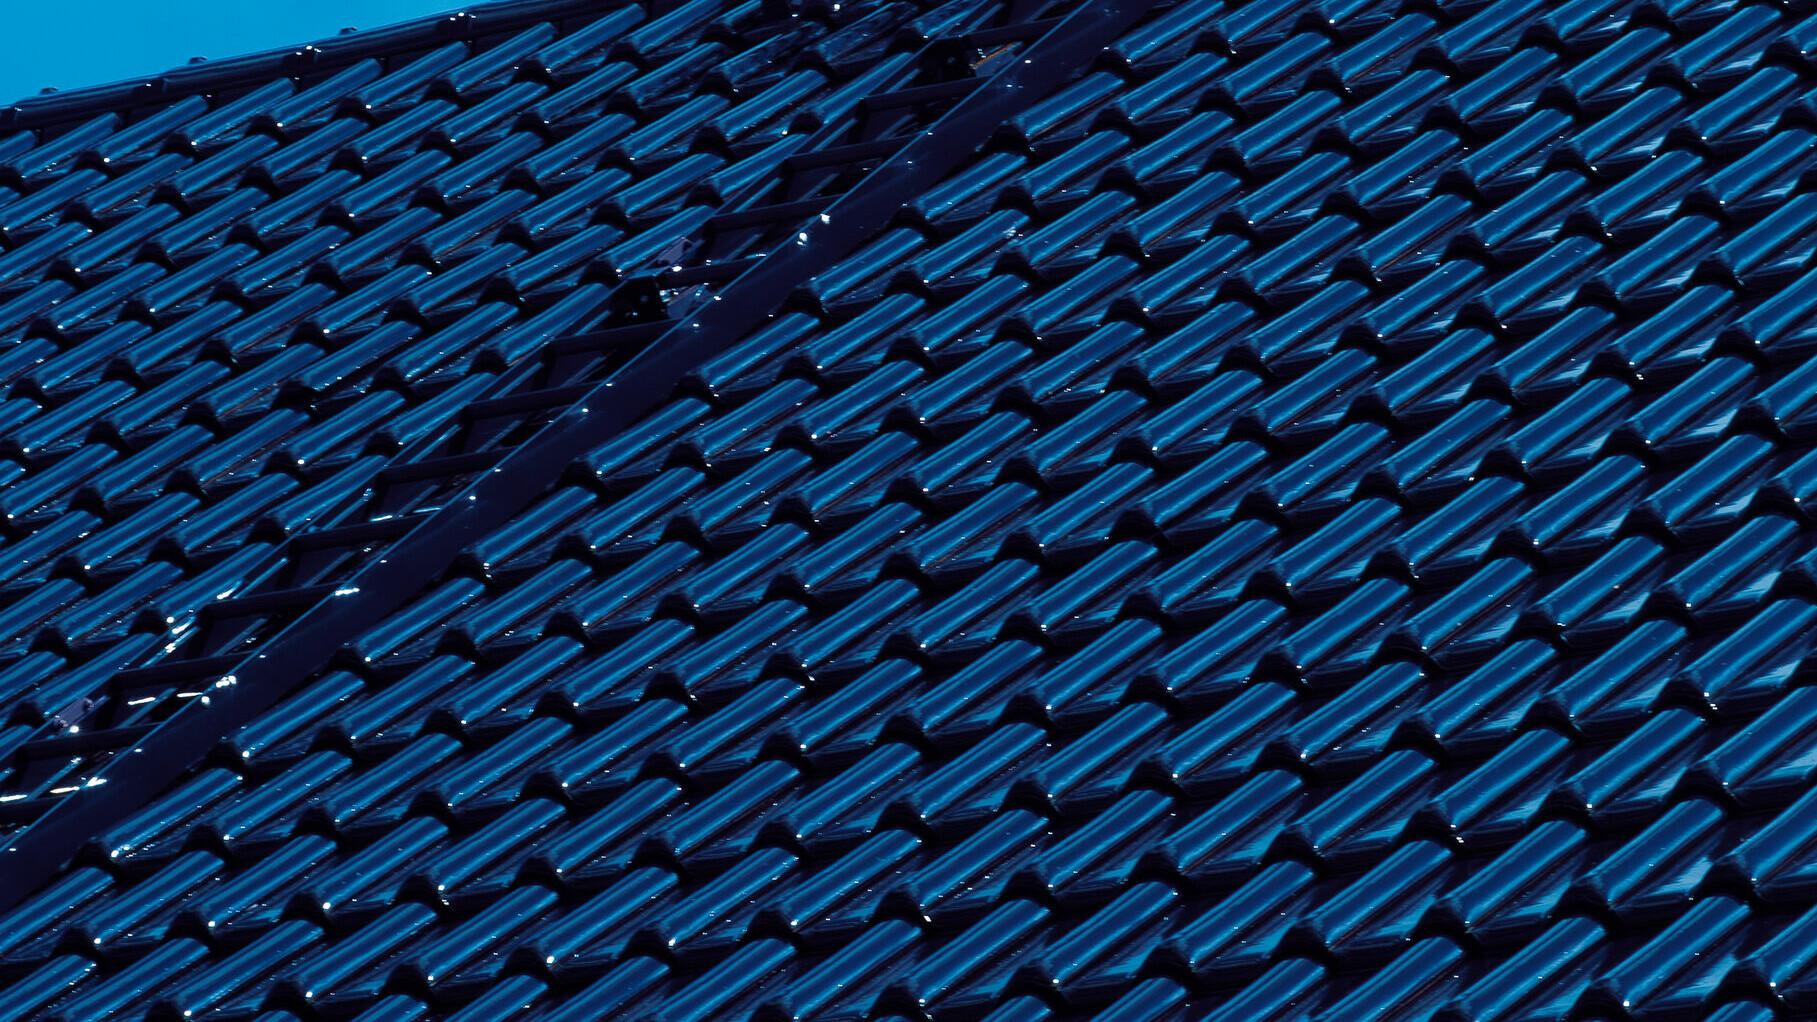 Keramická škridla - plocha holandská škridla